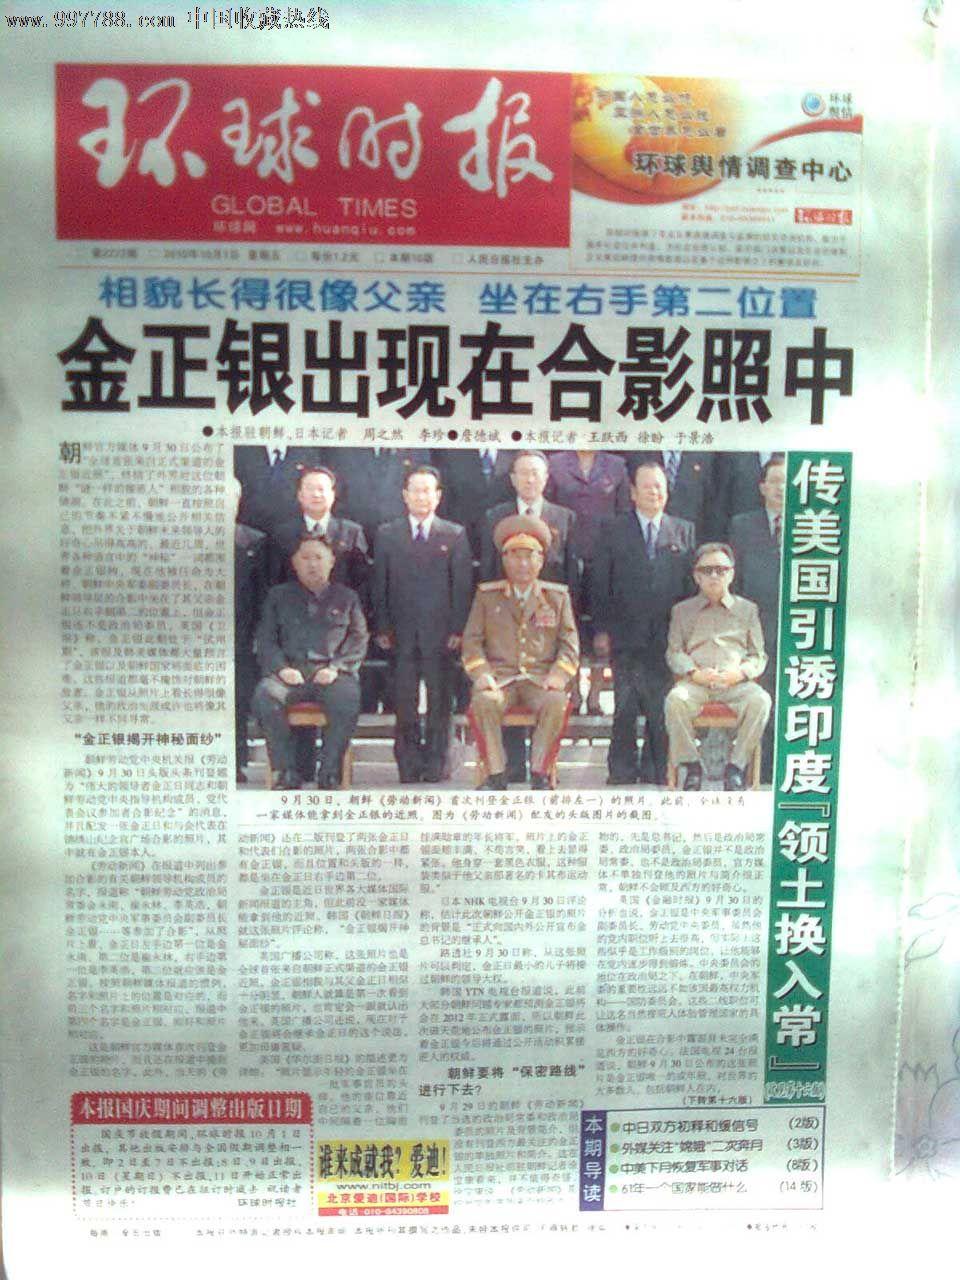 《环球时报》